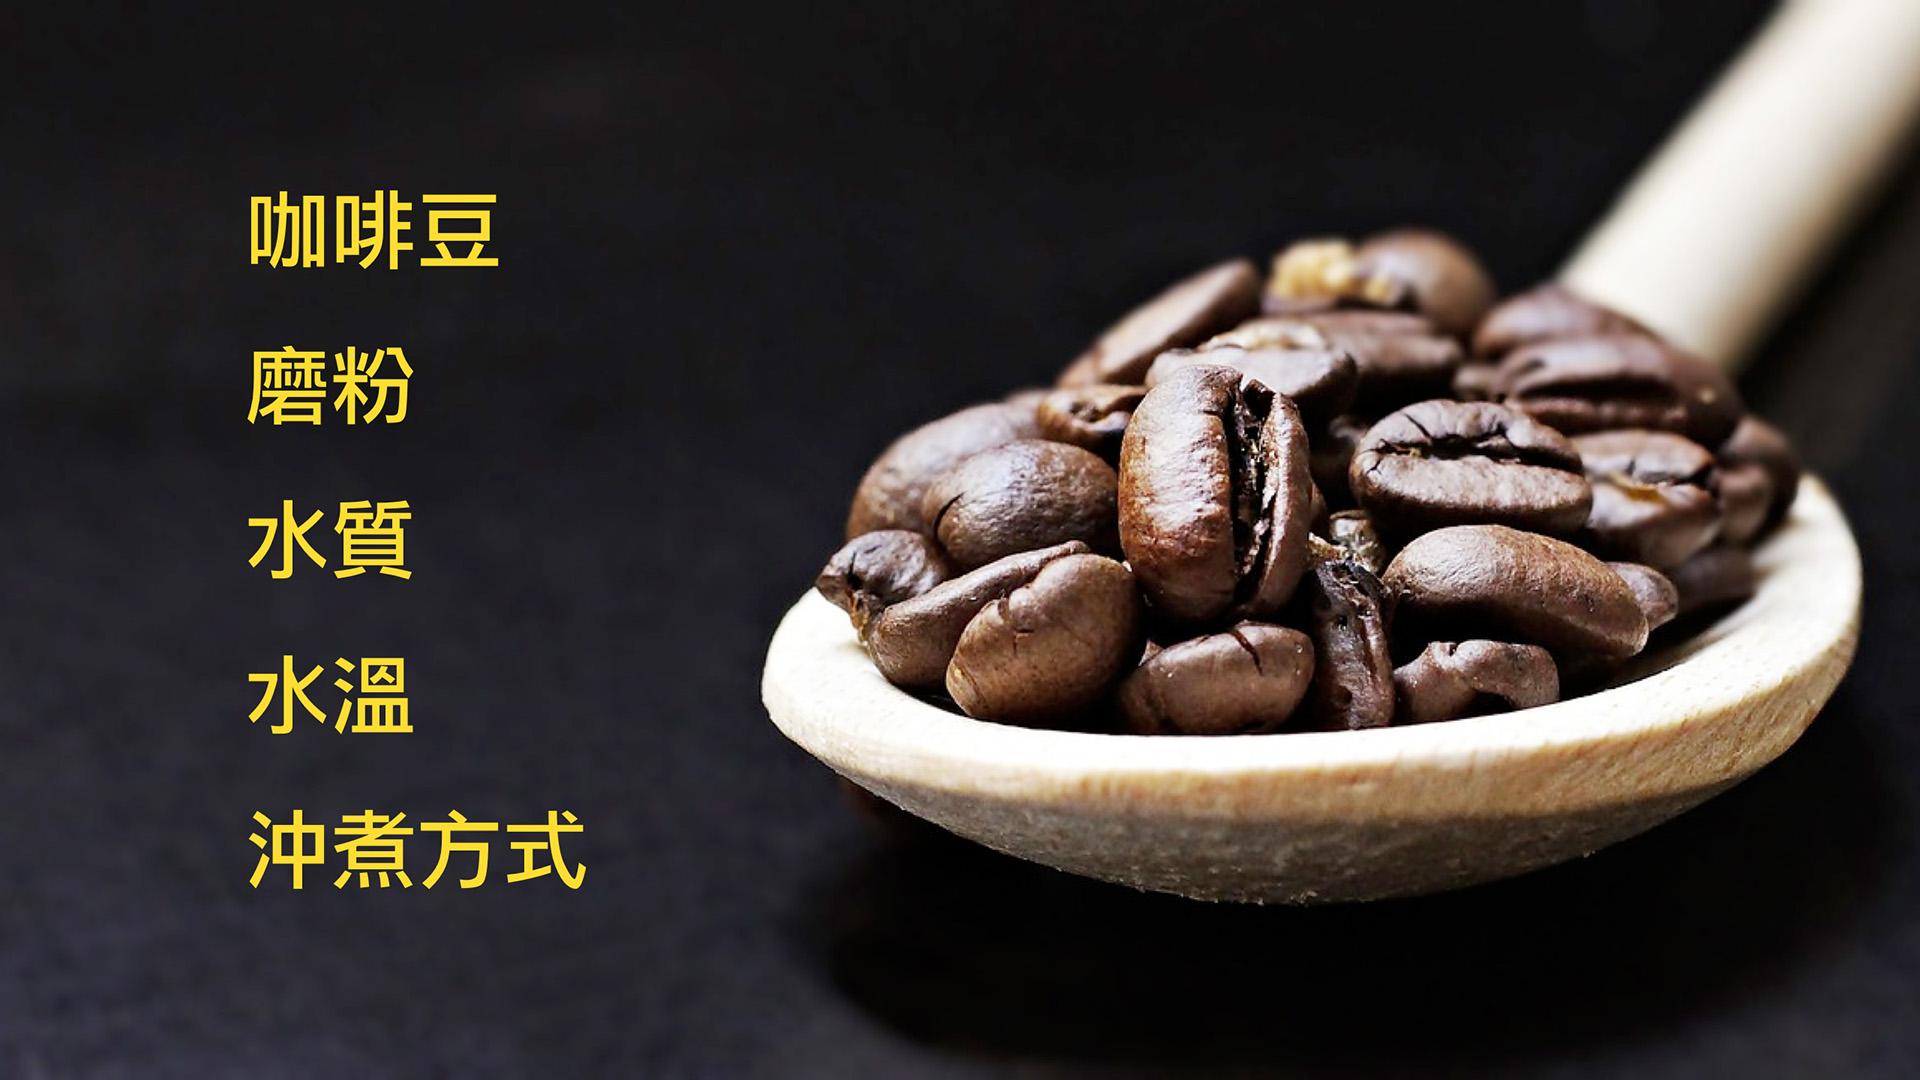 咖啡磨粉、手沖咖啡的過程中,到底發生了什麼事?